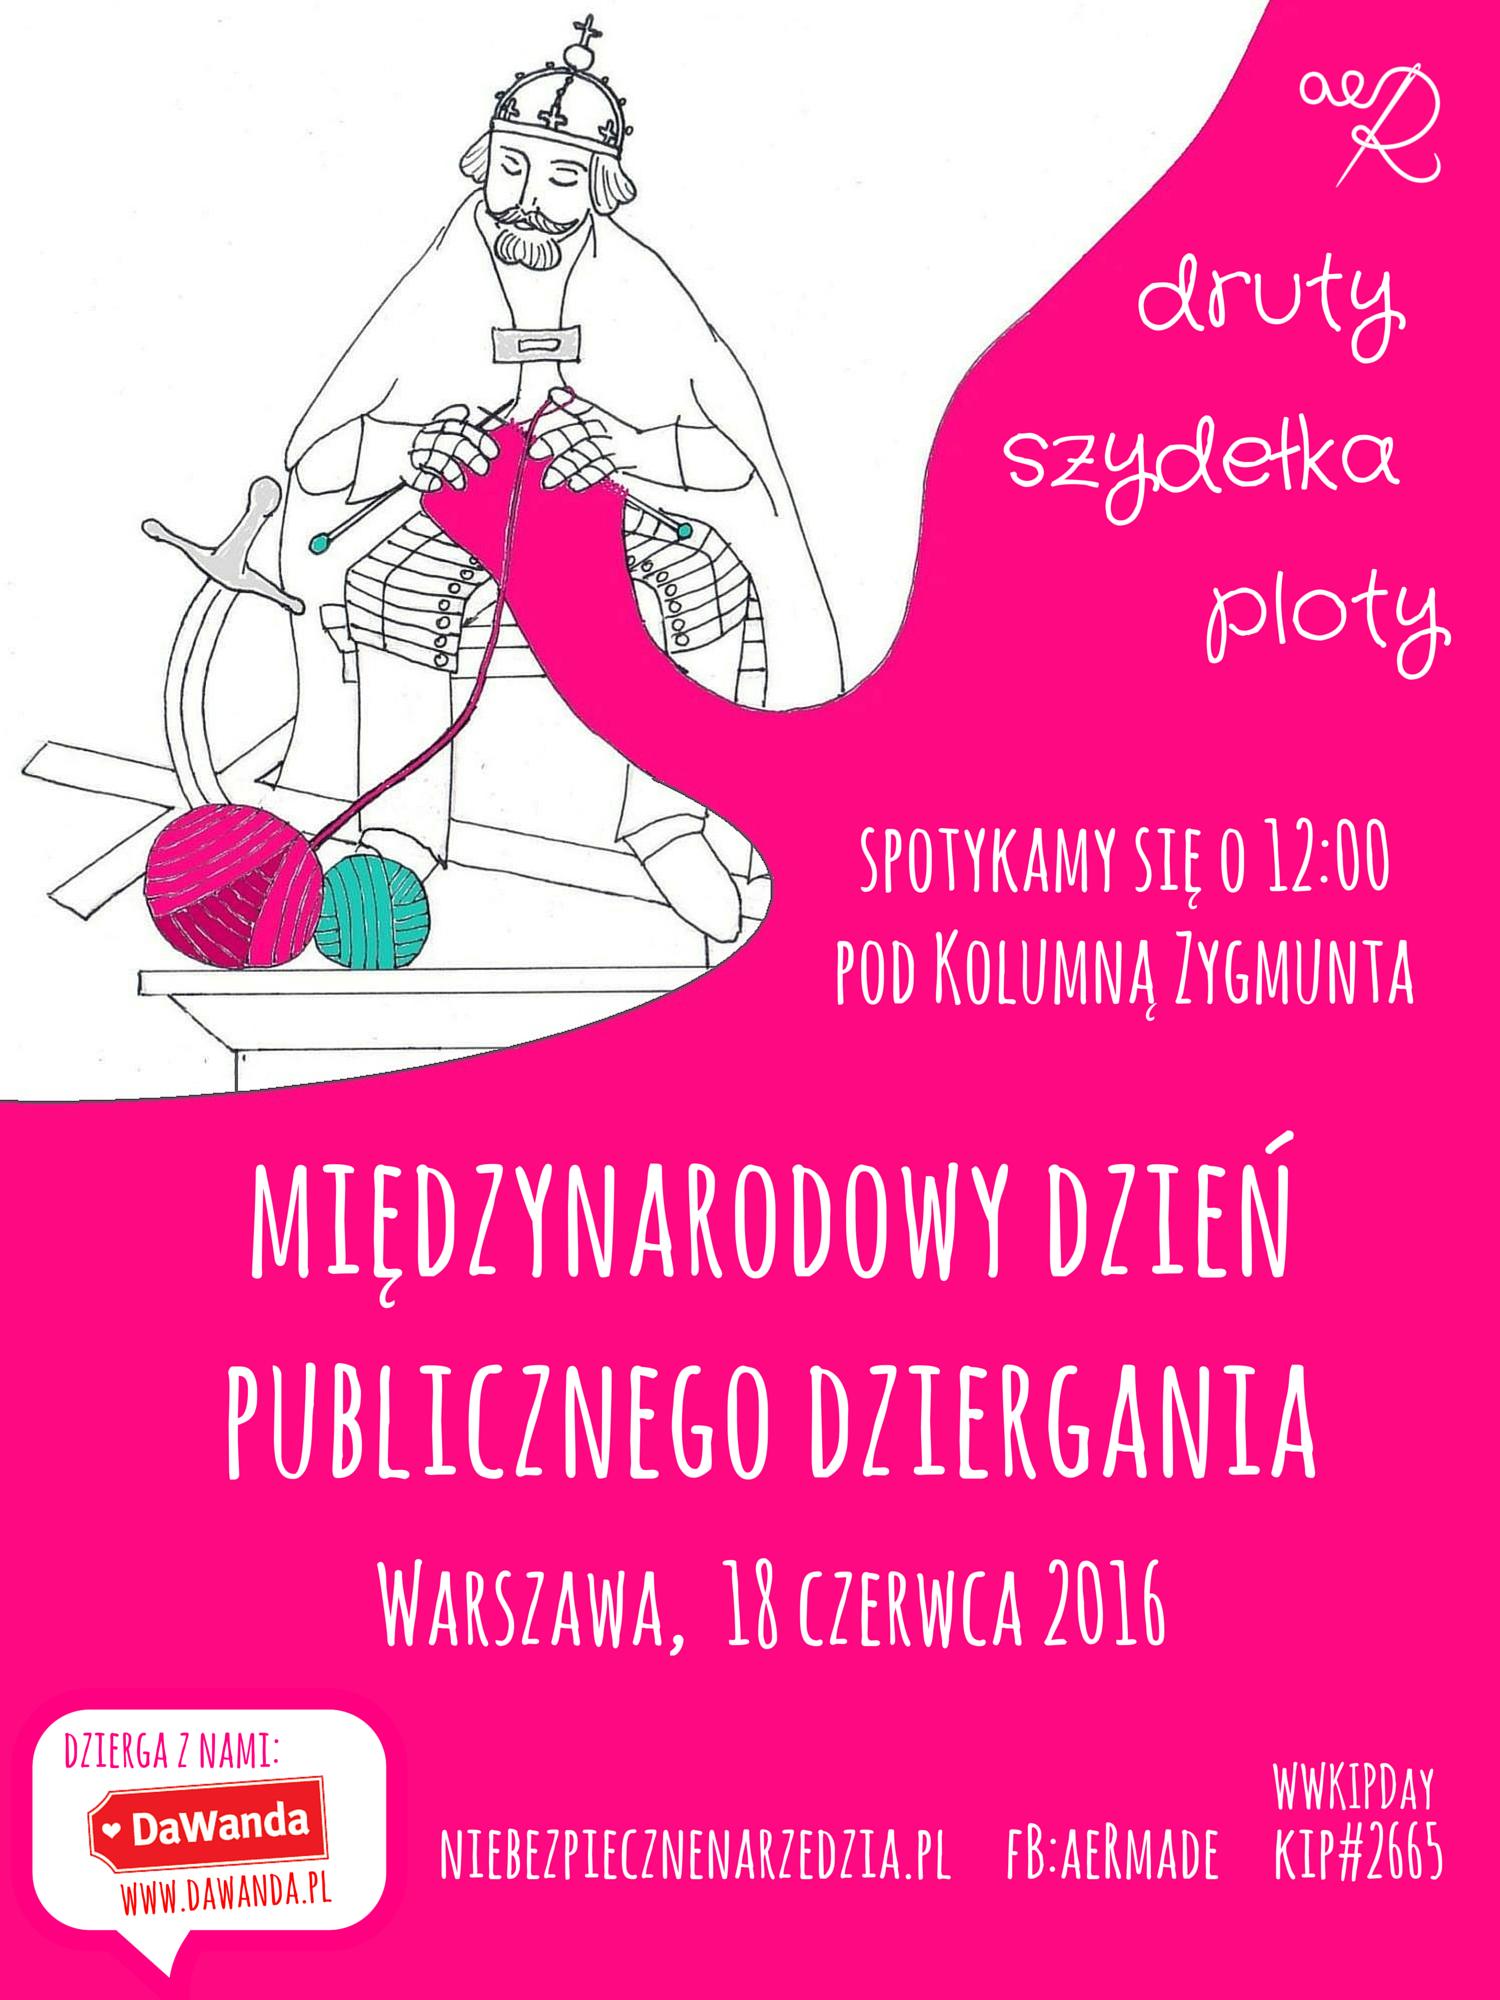 Międzynarodowy Dzień Publicznego Dziergania 2016 - plakat